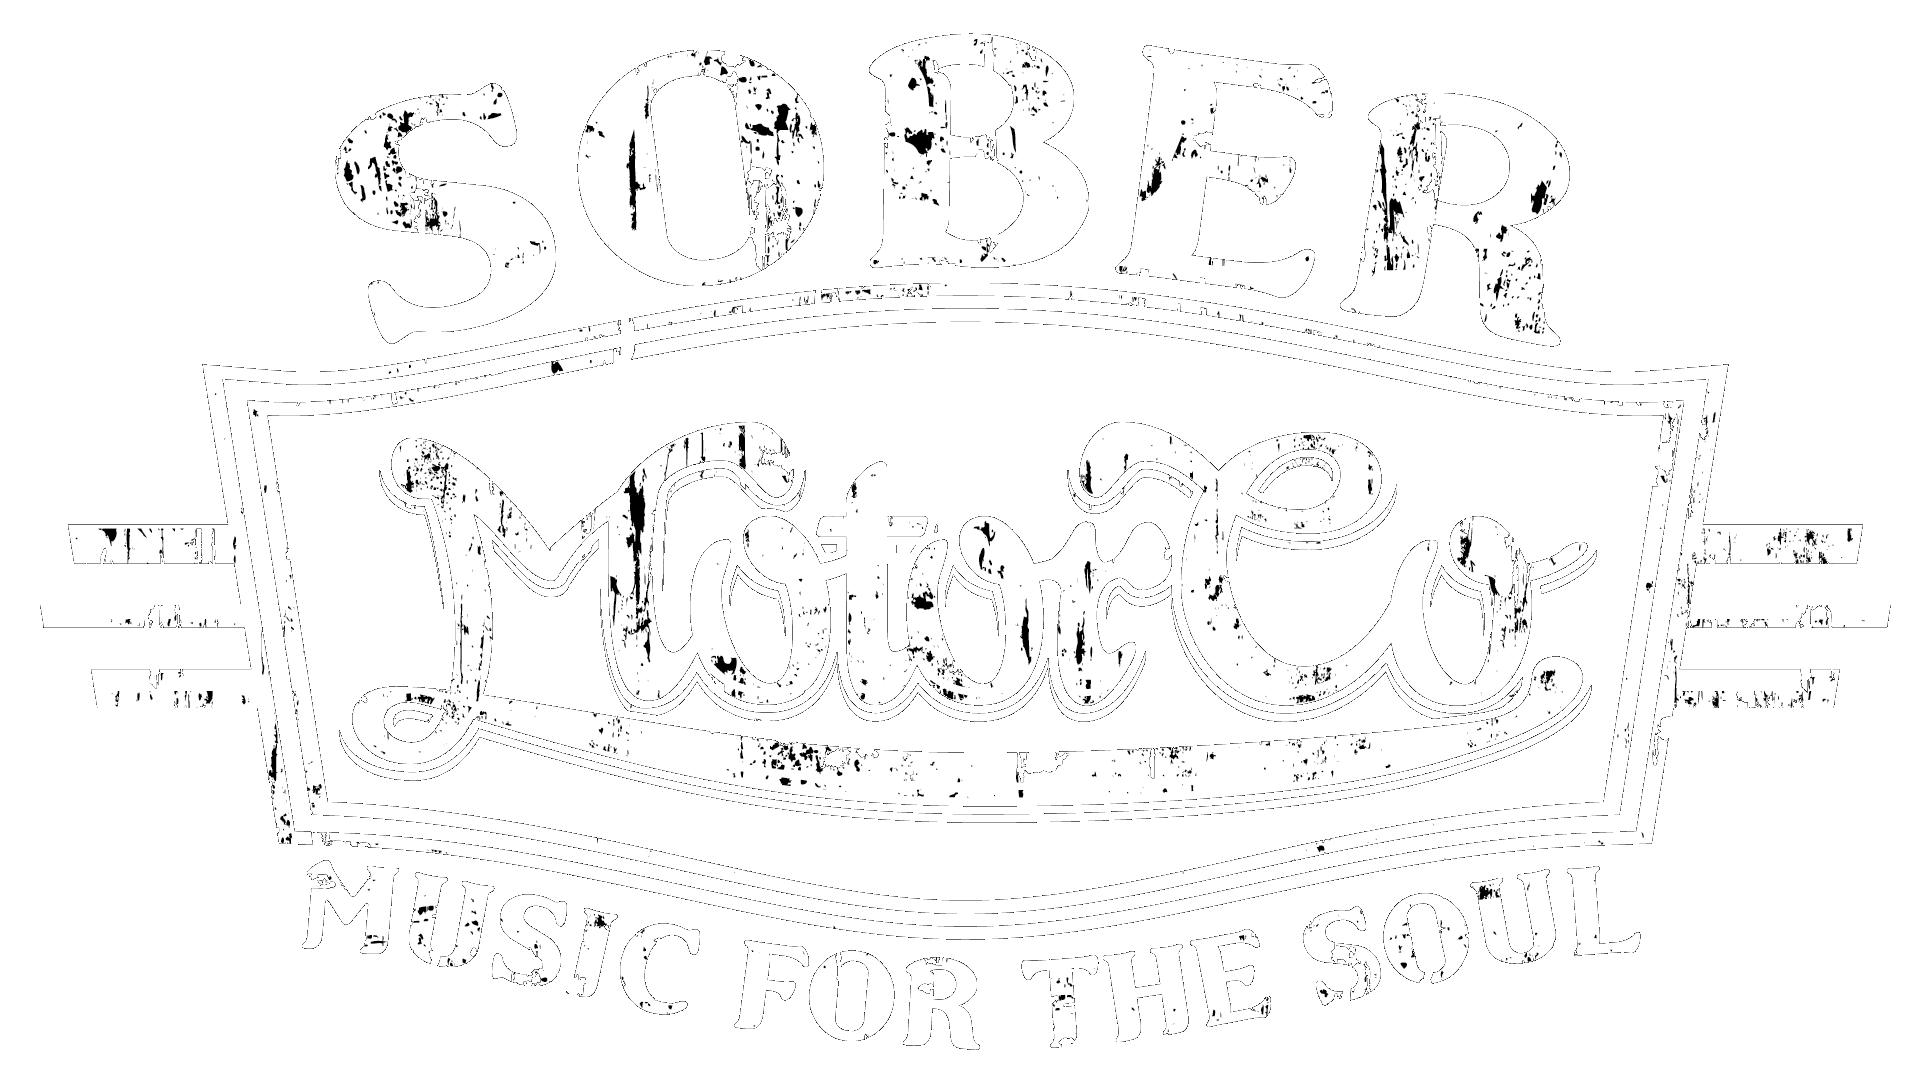 Sober Motor Company Store